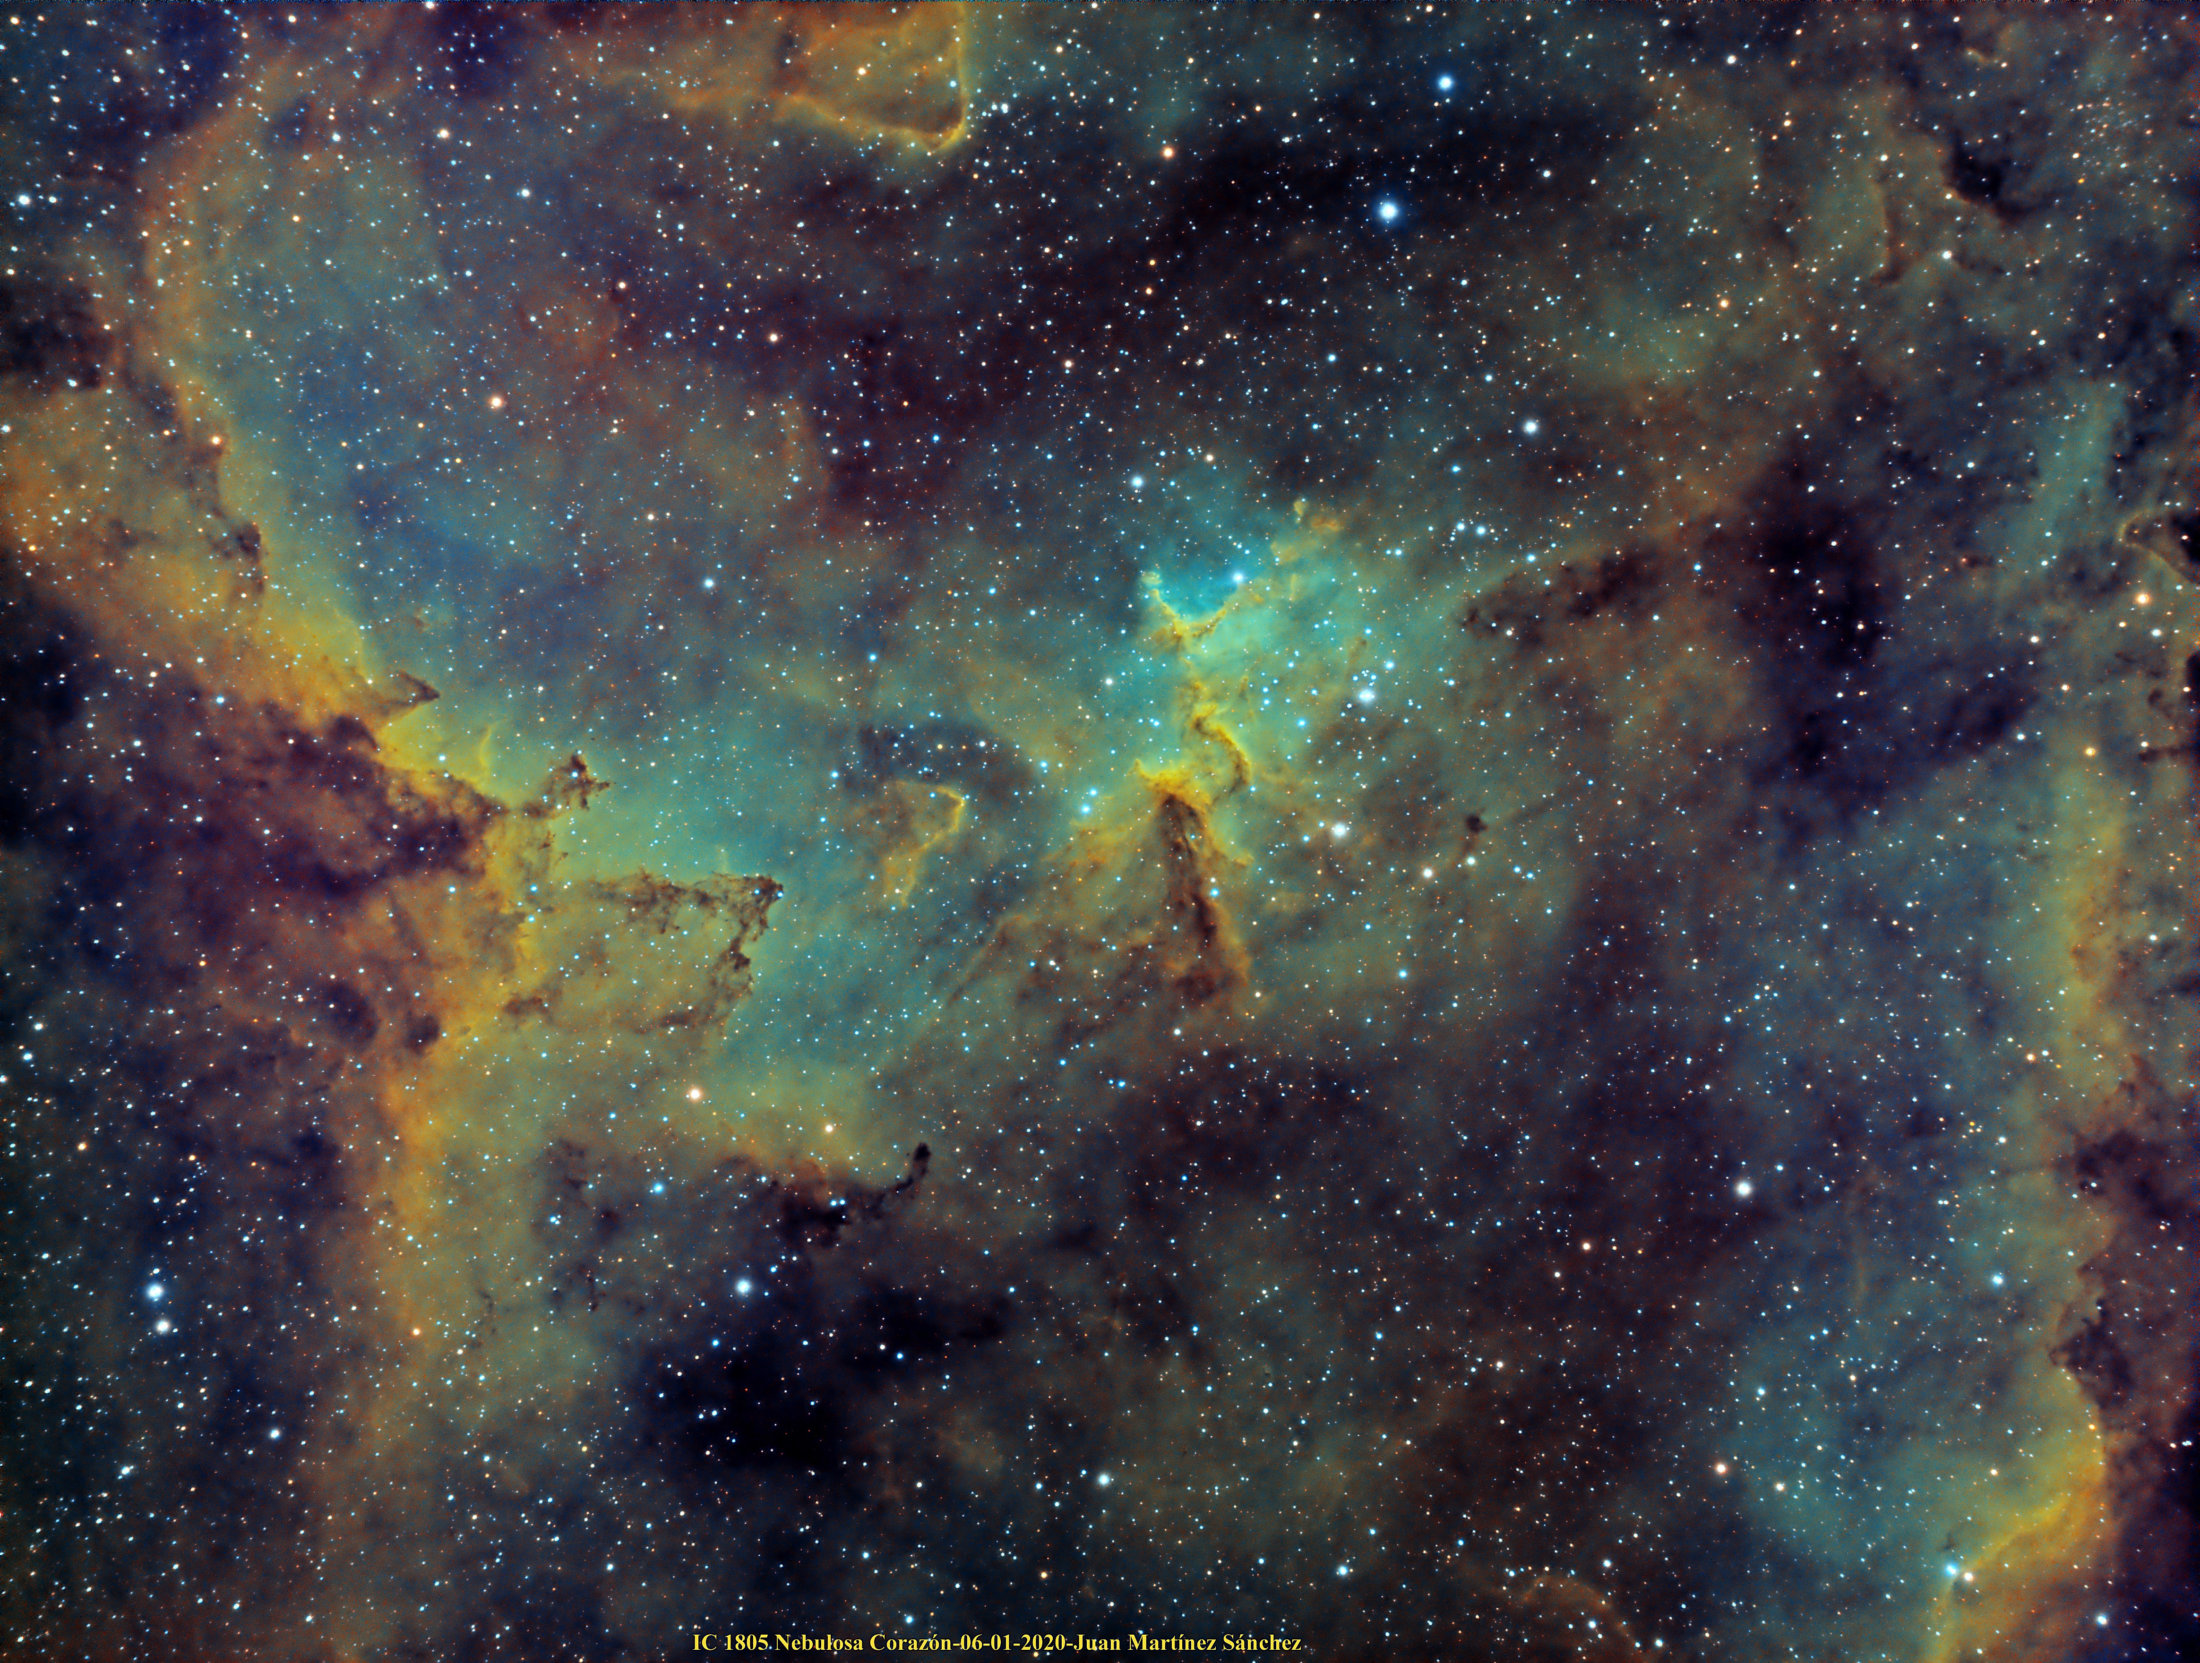 IC1805 - Juan Martínez